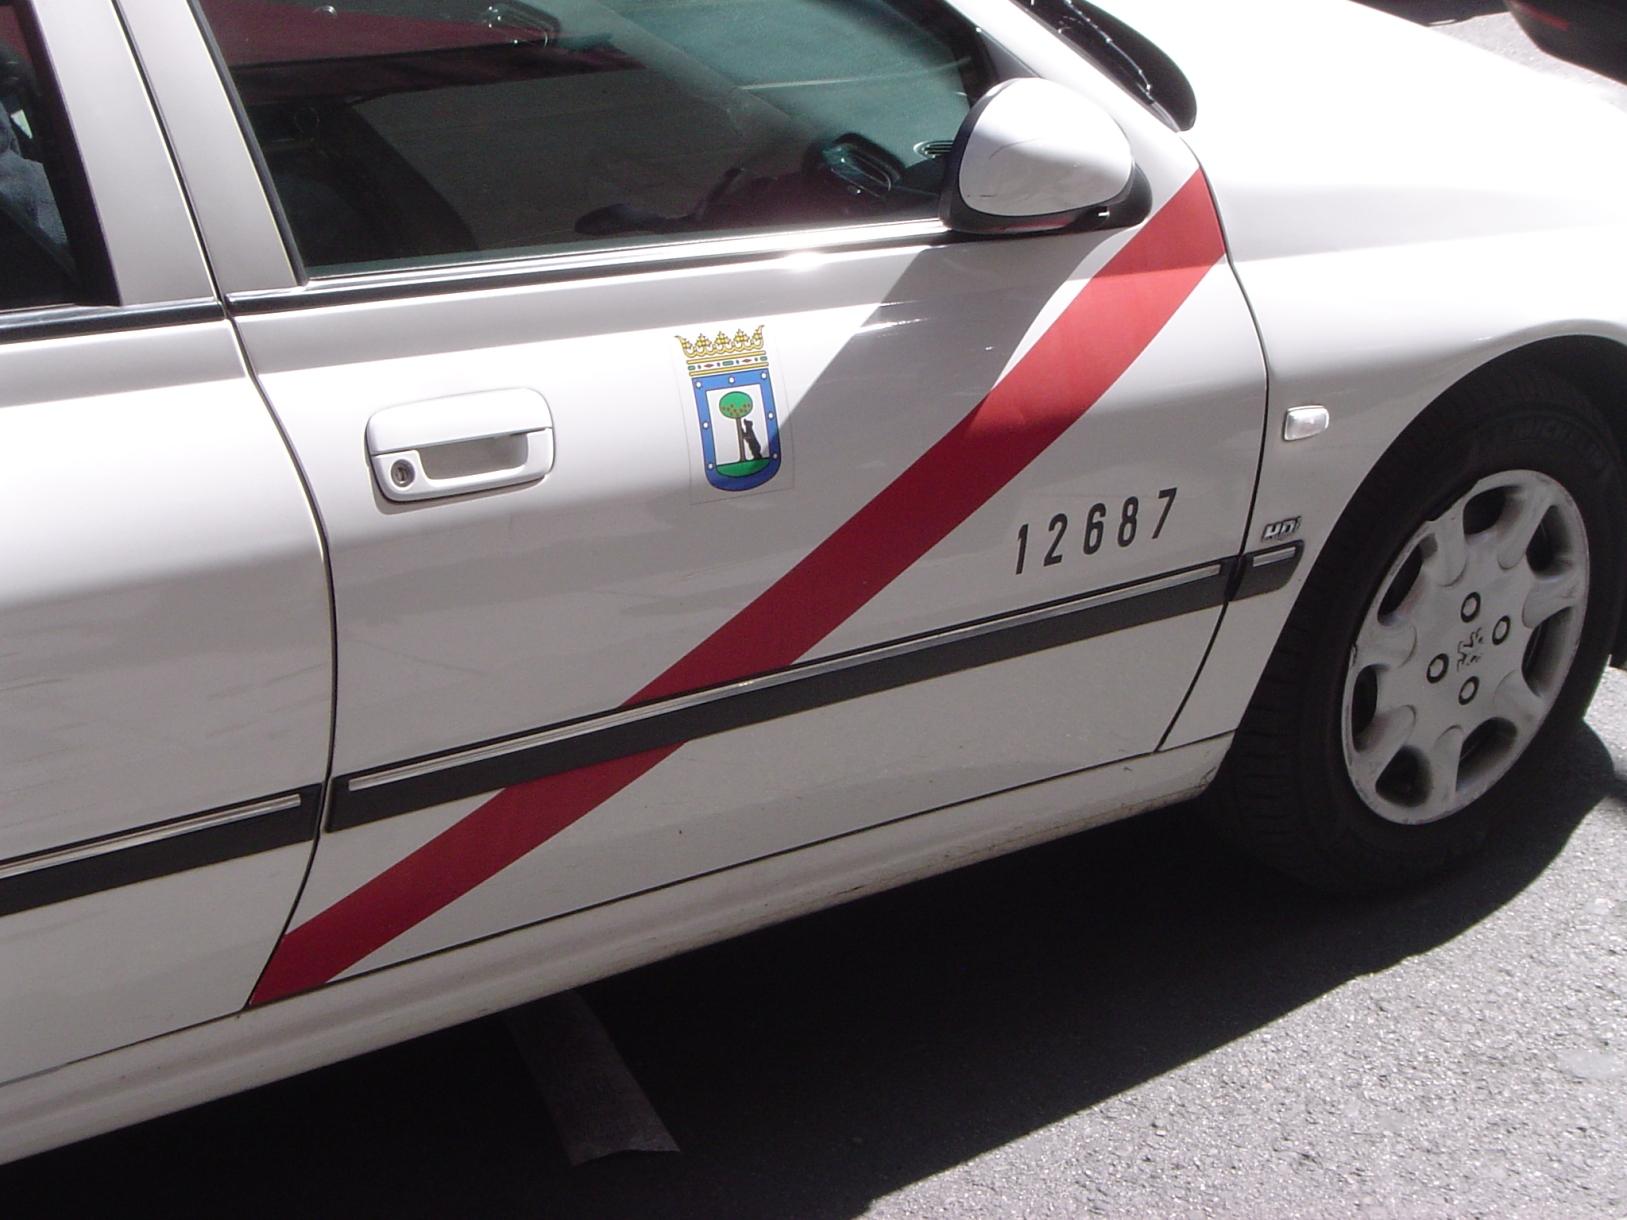 identificativo-banda-rossa-taxi-madrid.jpg